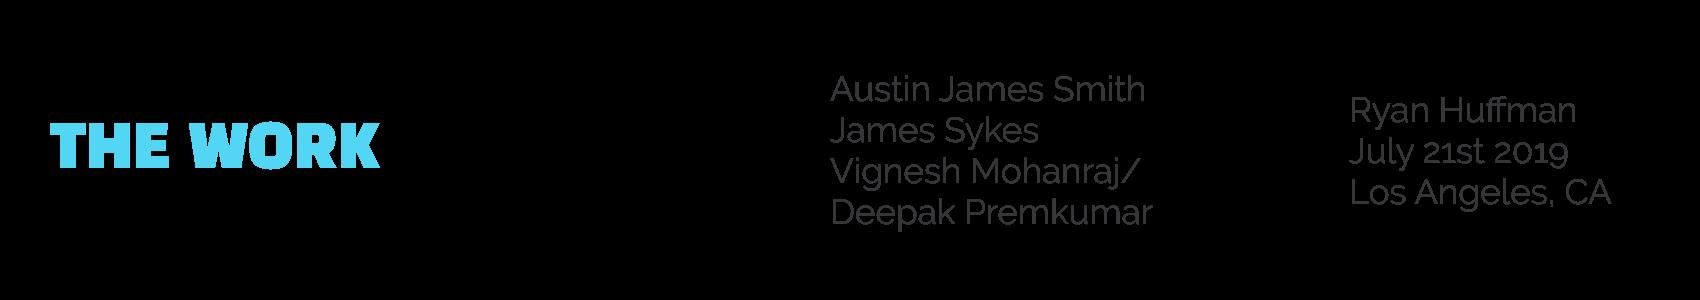 Portfolio LAD creators Starset music video 2019